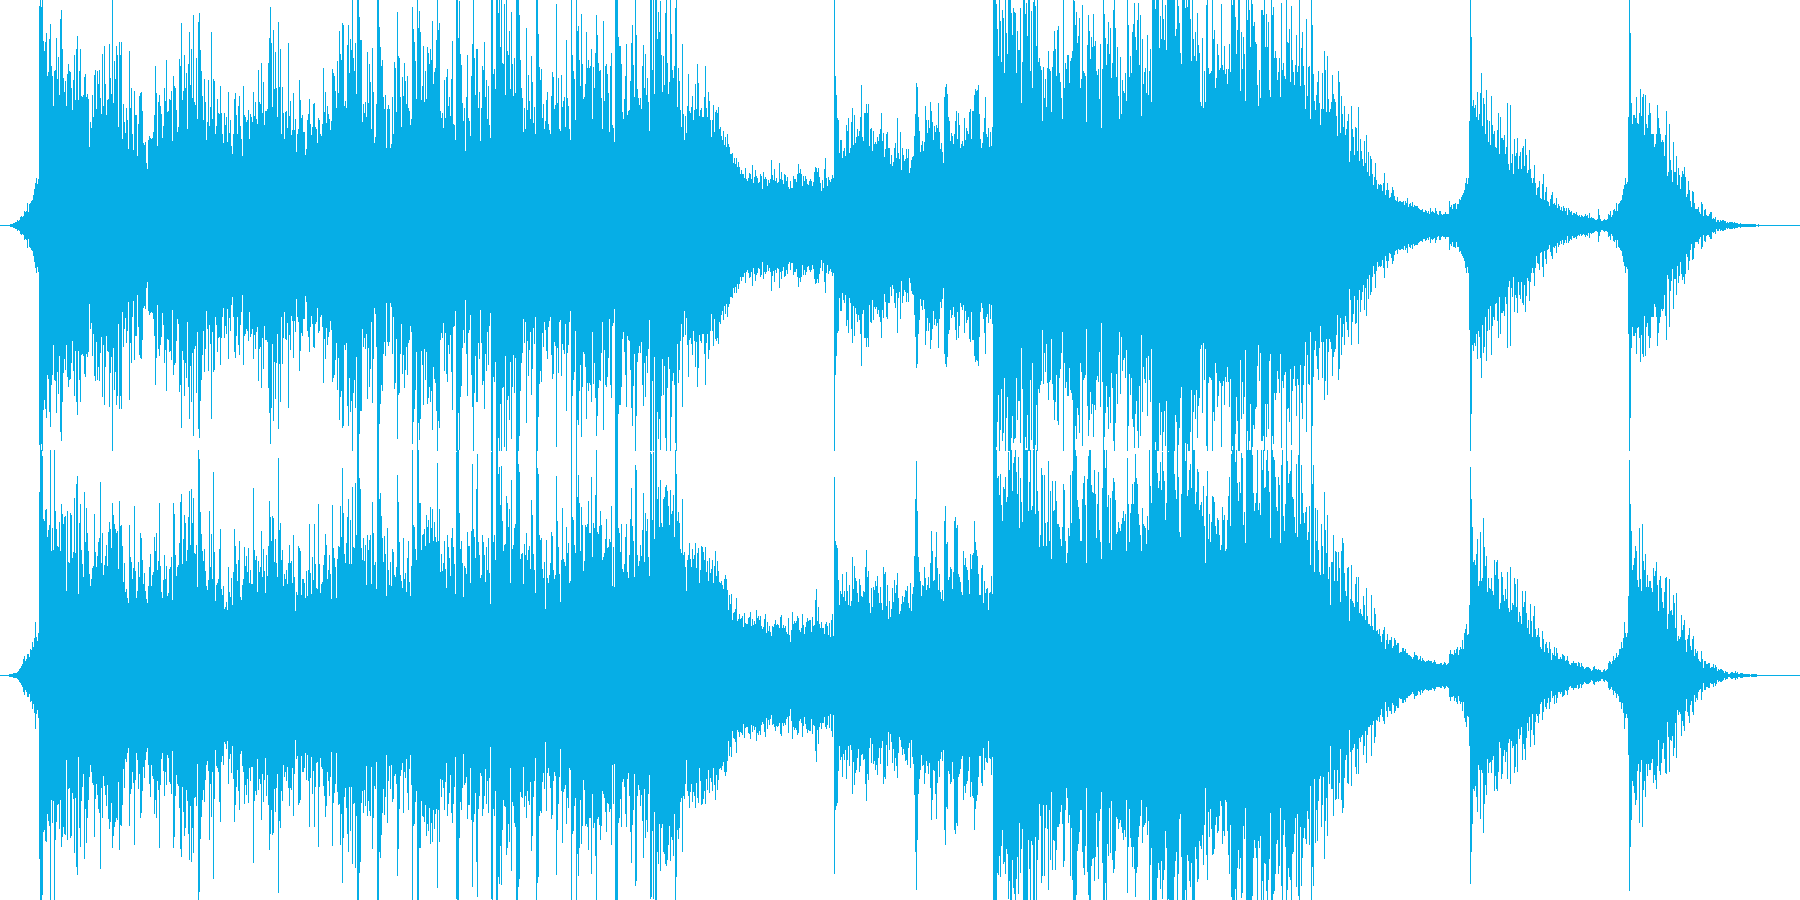 重低音が目立つシネマティックな曲の再生済みの波形